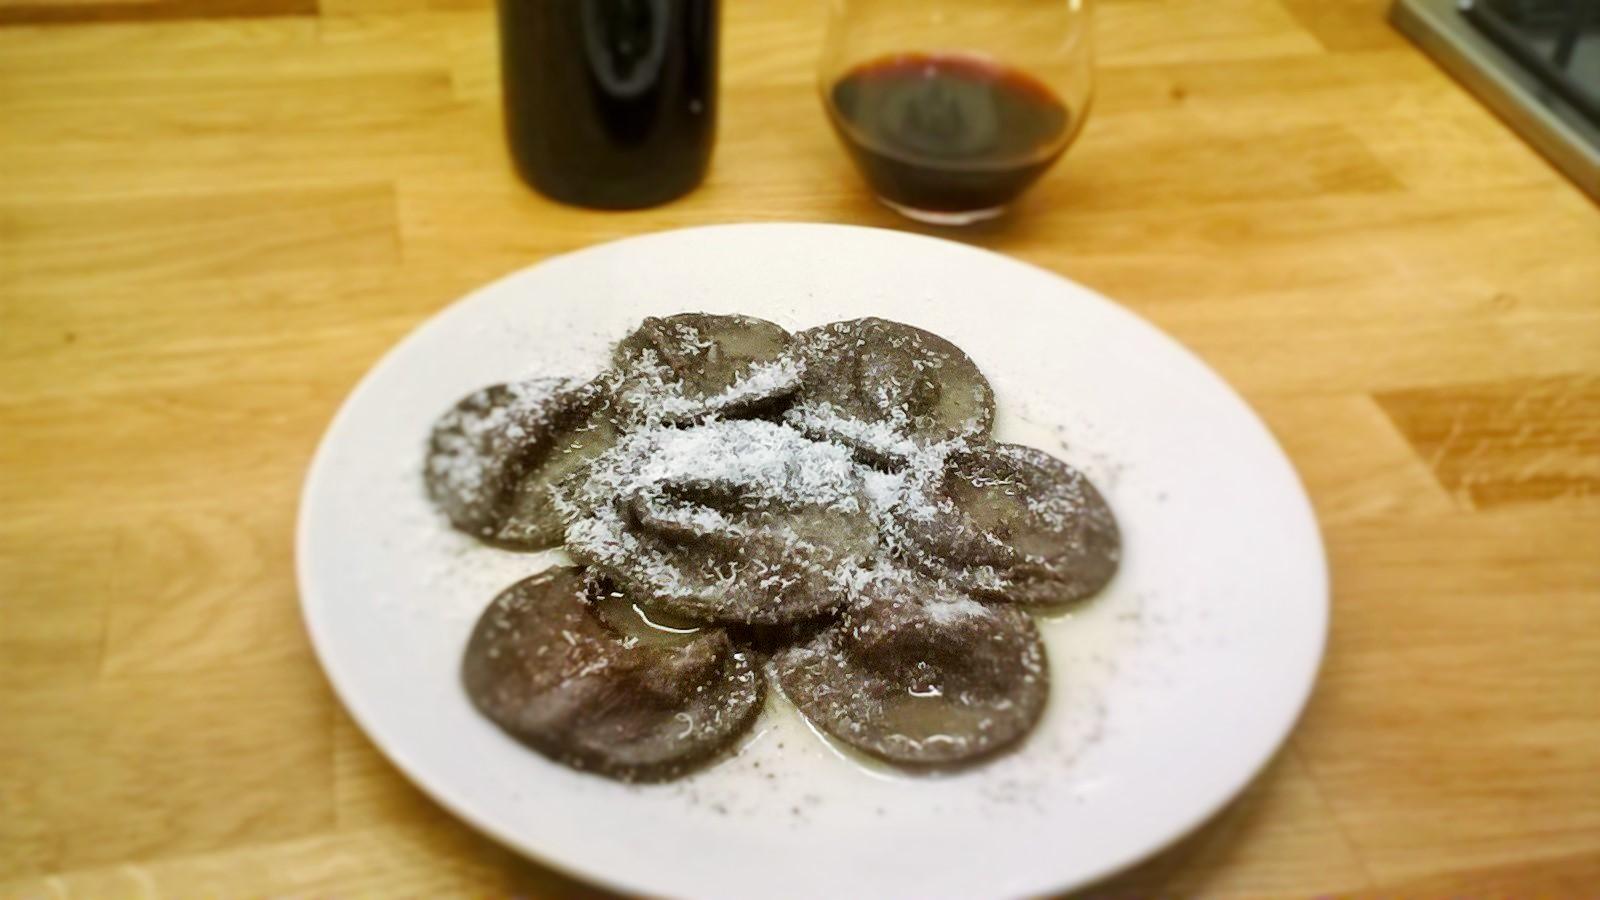 Ravioli al cacao ripieni di erborinato piccante di capra